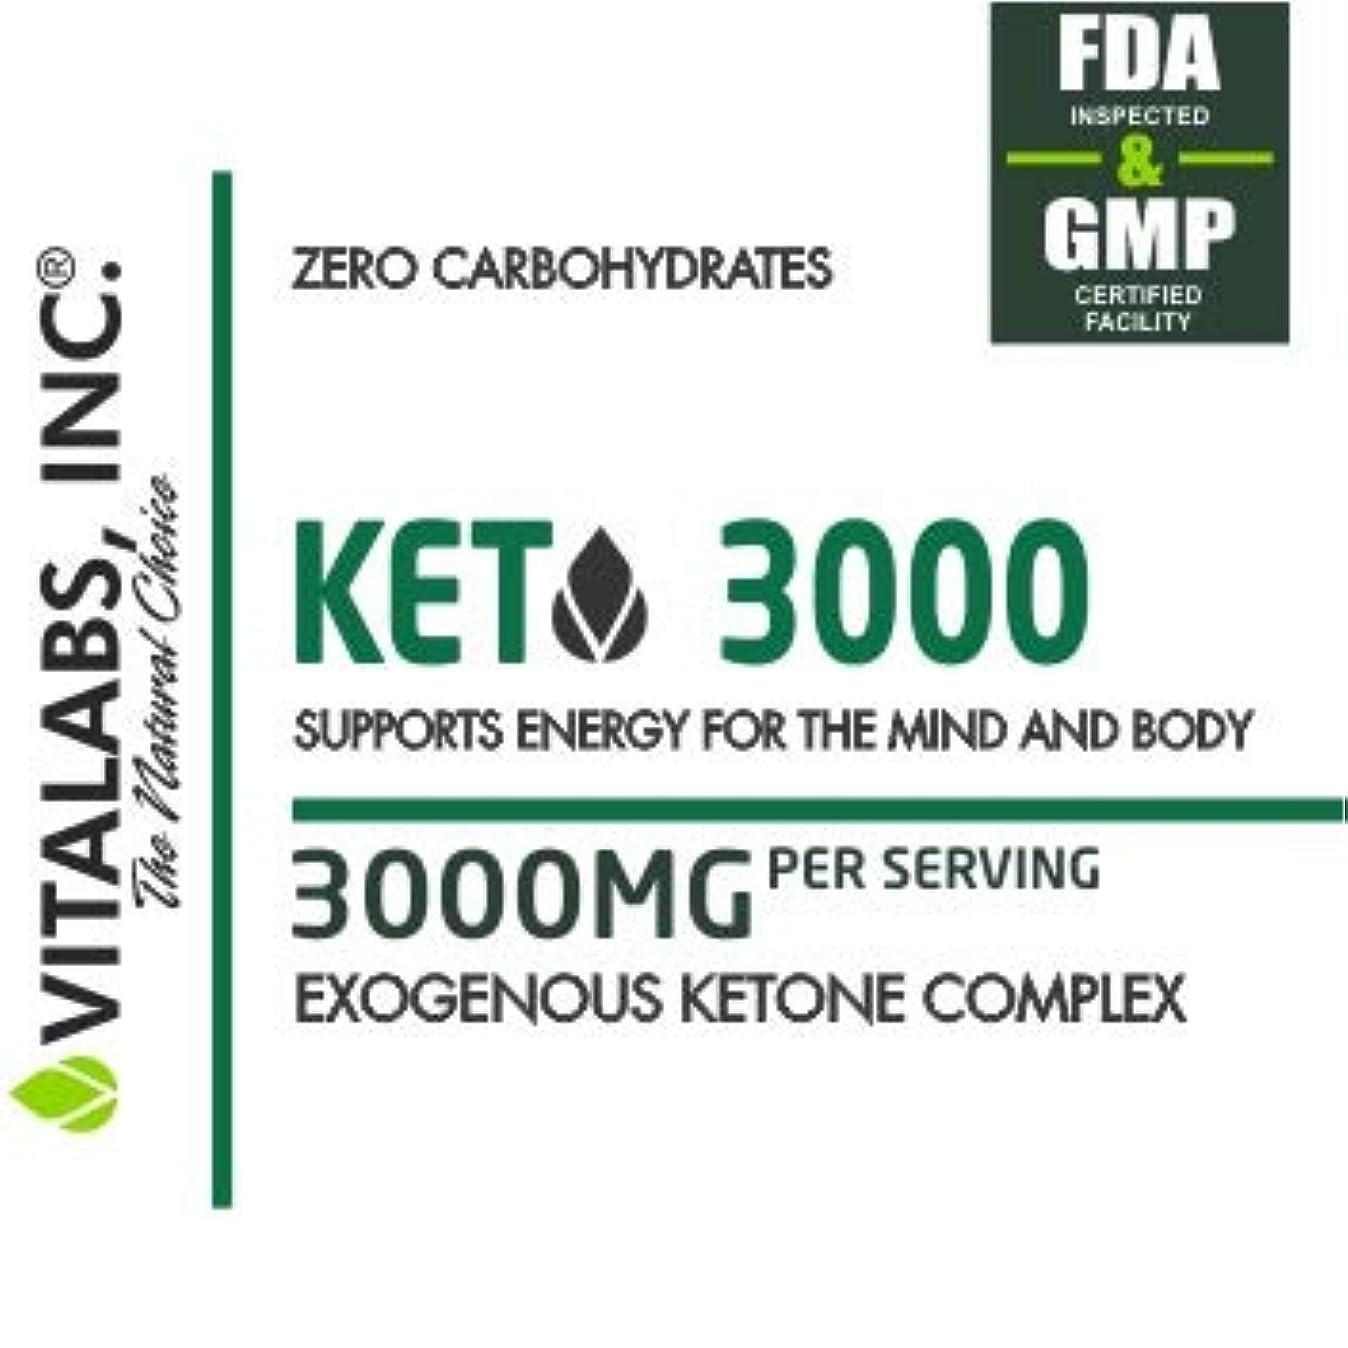 までぐったり懸念低炭水化物状態を作る/ケトジェニックダイエットサポートサプリメント KETO 3000/ Vitalabs 【アメリカより直送】 (120カプセル(30回分))